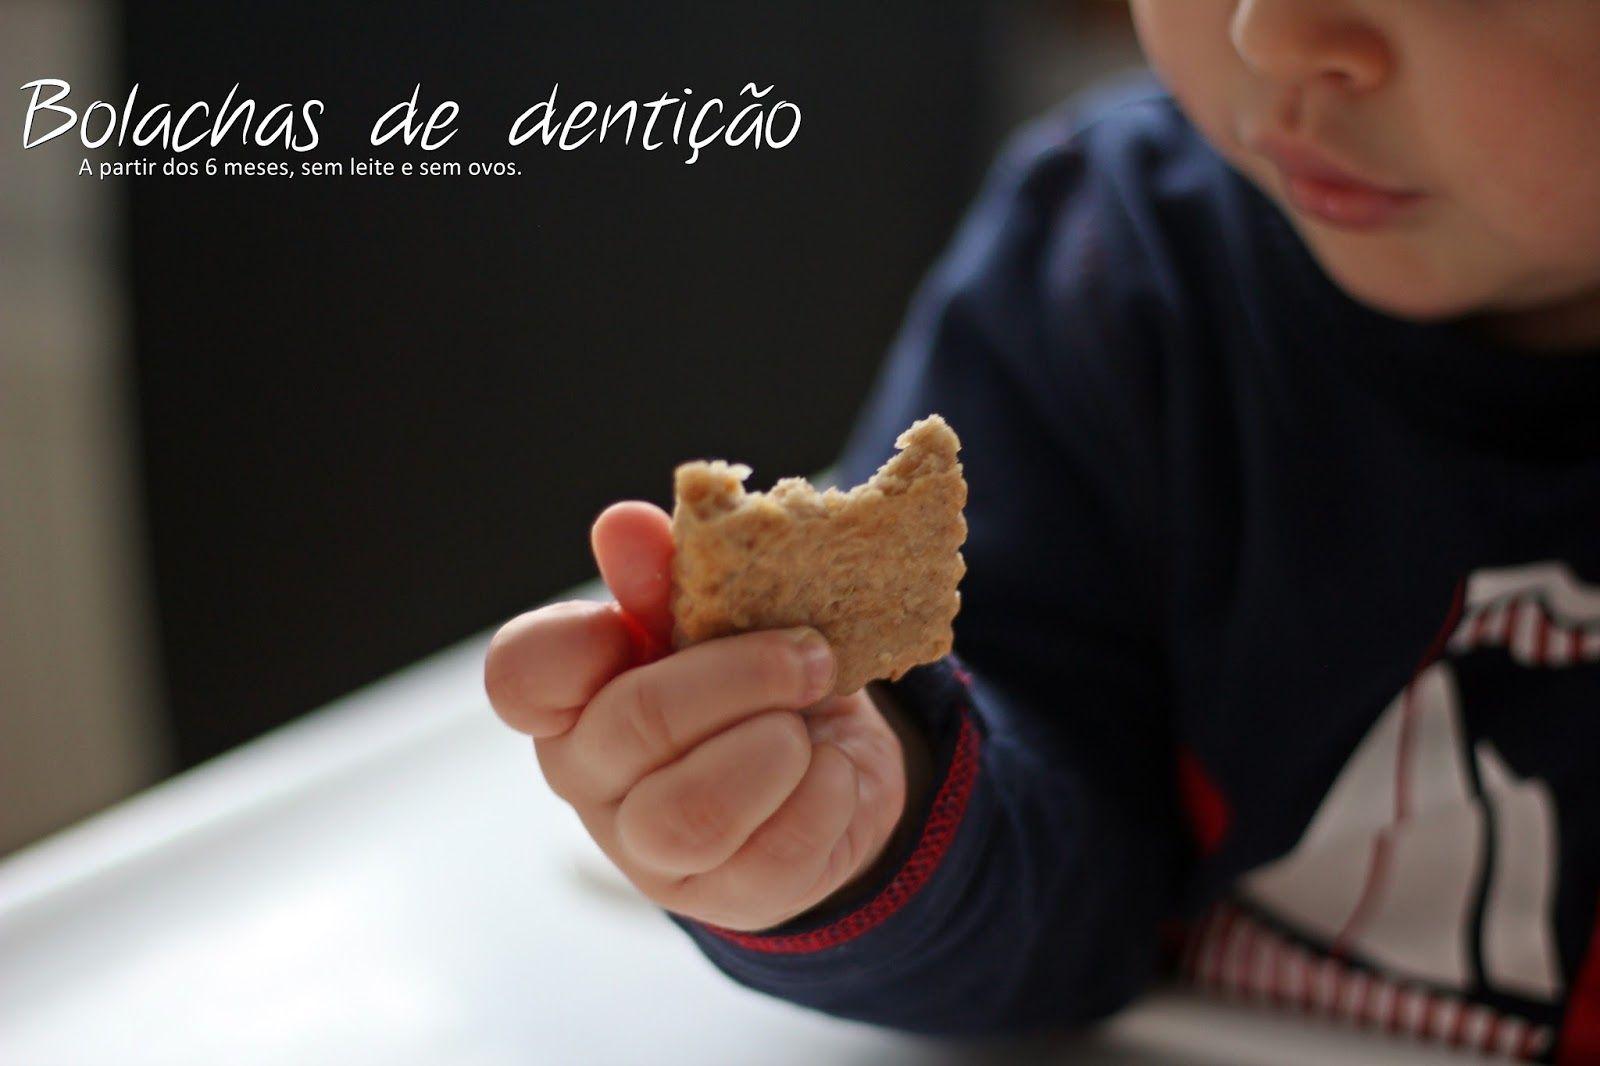 Bolachas de dentição saudáveis - a partir dos 6 meses